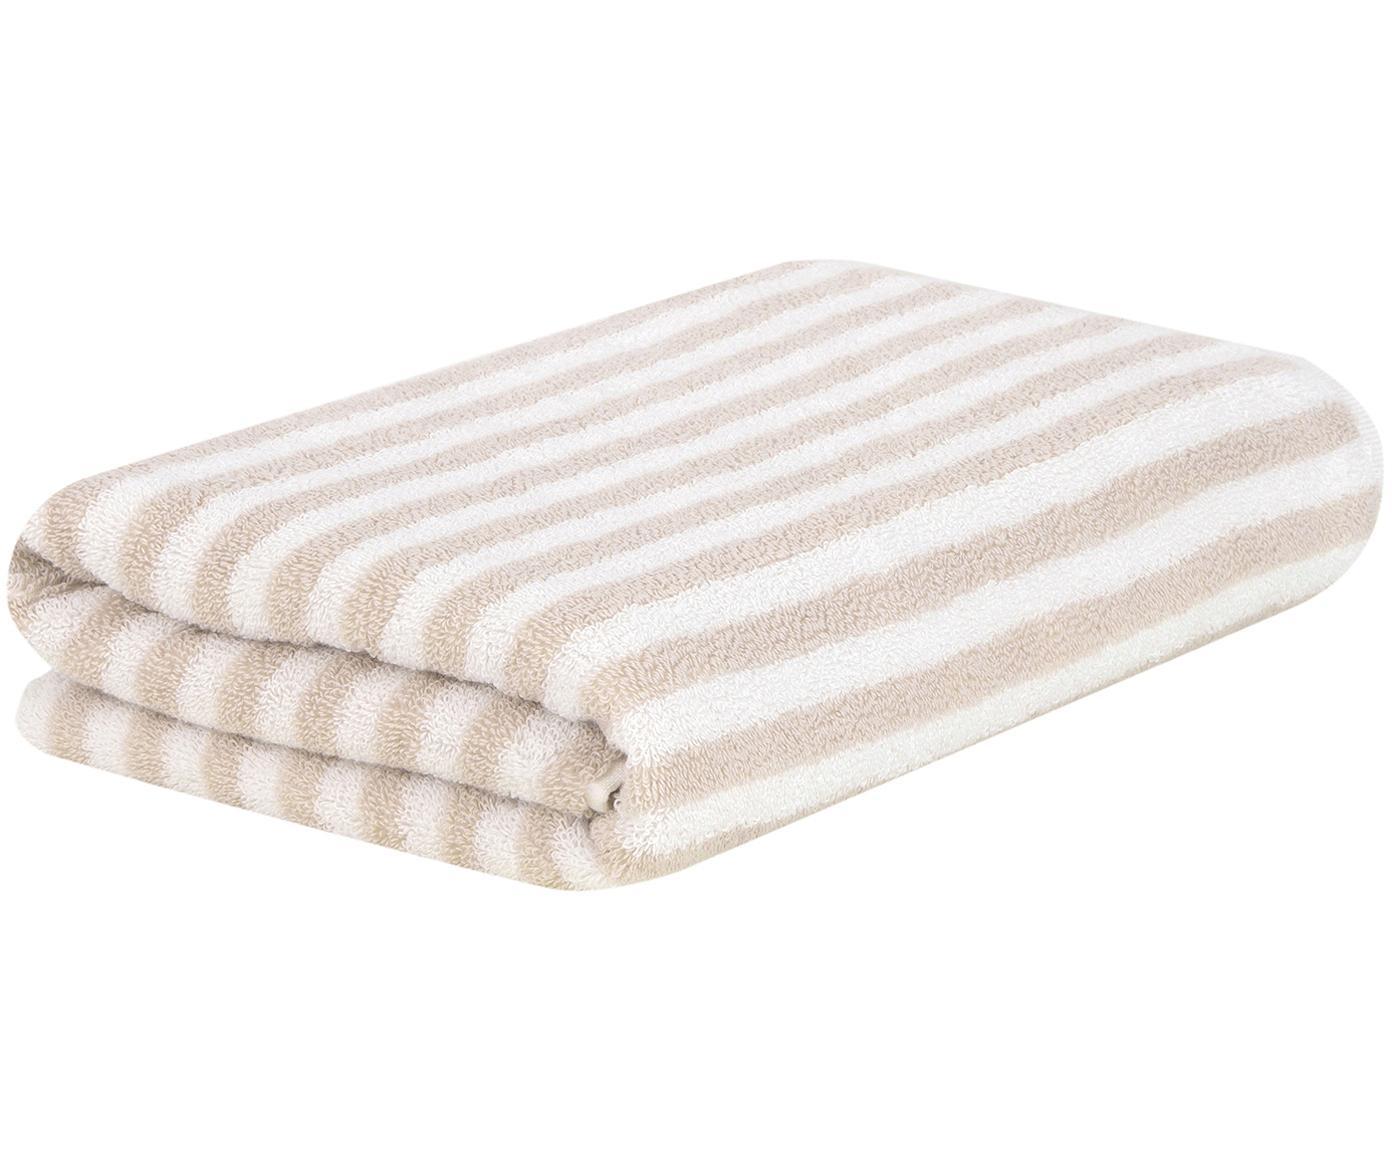 Ręcznik Viola, Odcienie piaskowego, kremowobiały, Ręcznik do rąk